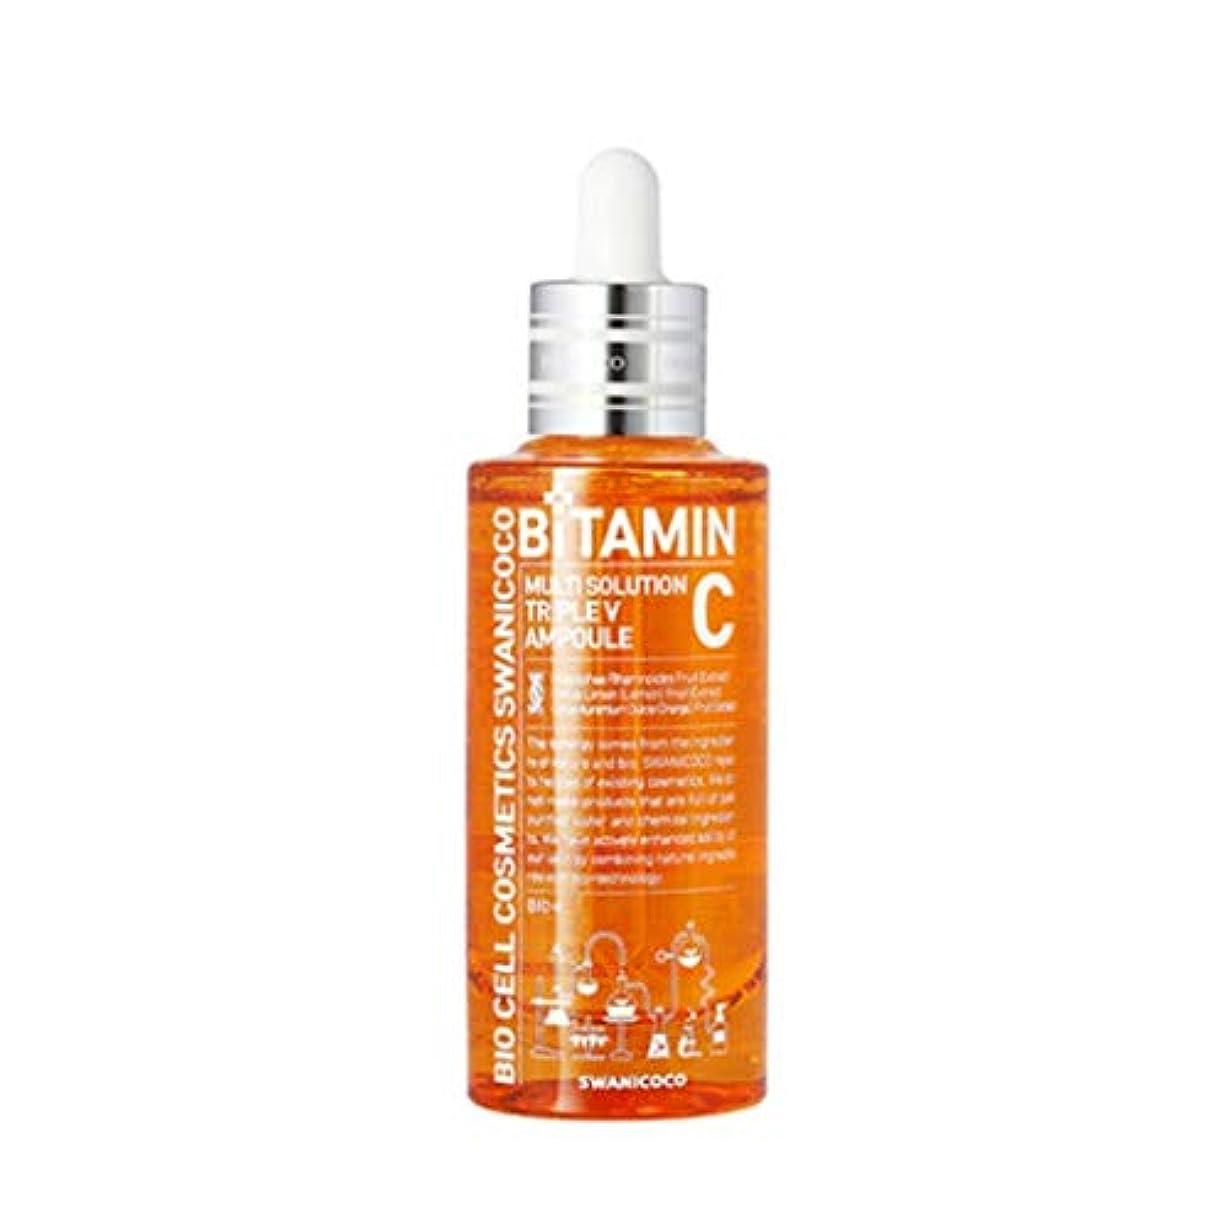 慣性ピラミッド資産スワニーココマルチソリューショントリプルVアンプル50ml韓国コスメ、Swanicoco Multi Solution Triple V Ampoule 50ml Korean Cosmetics [並行輸入品]